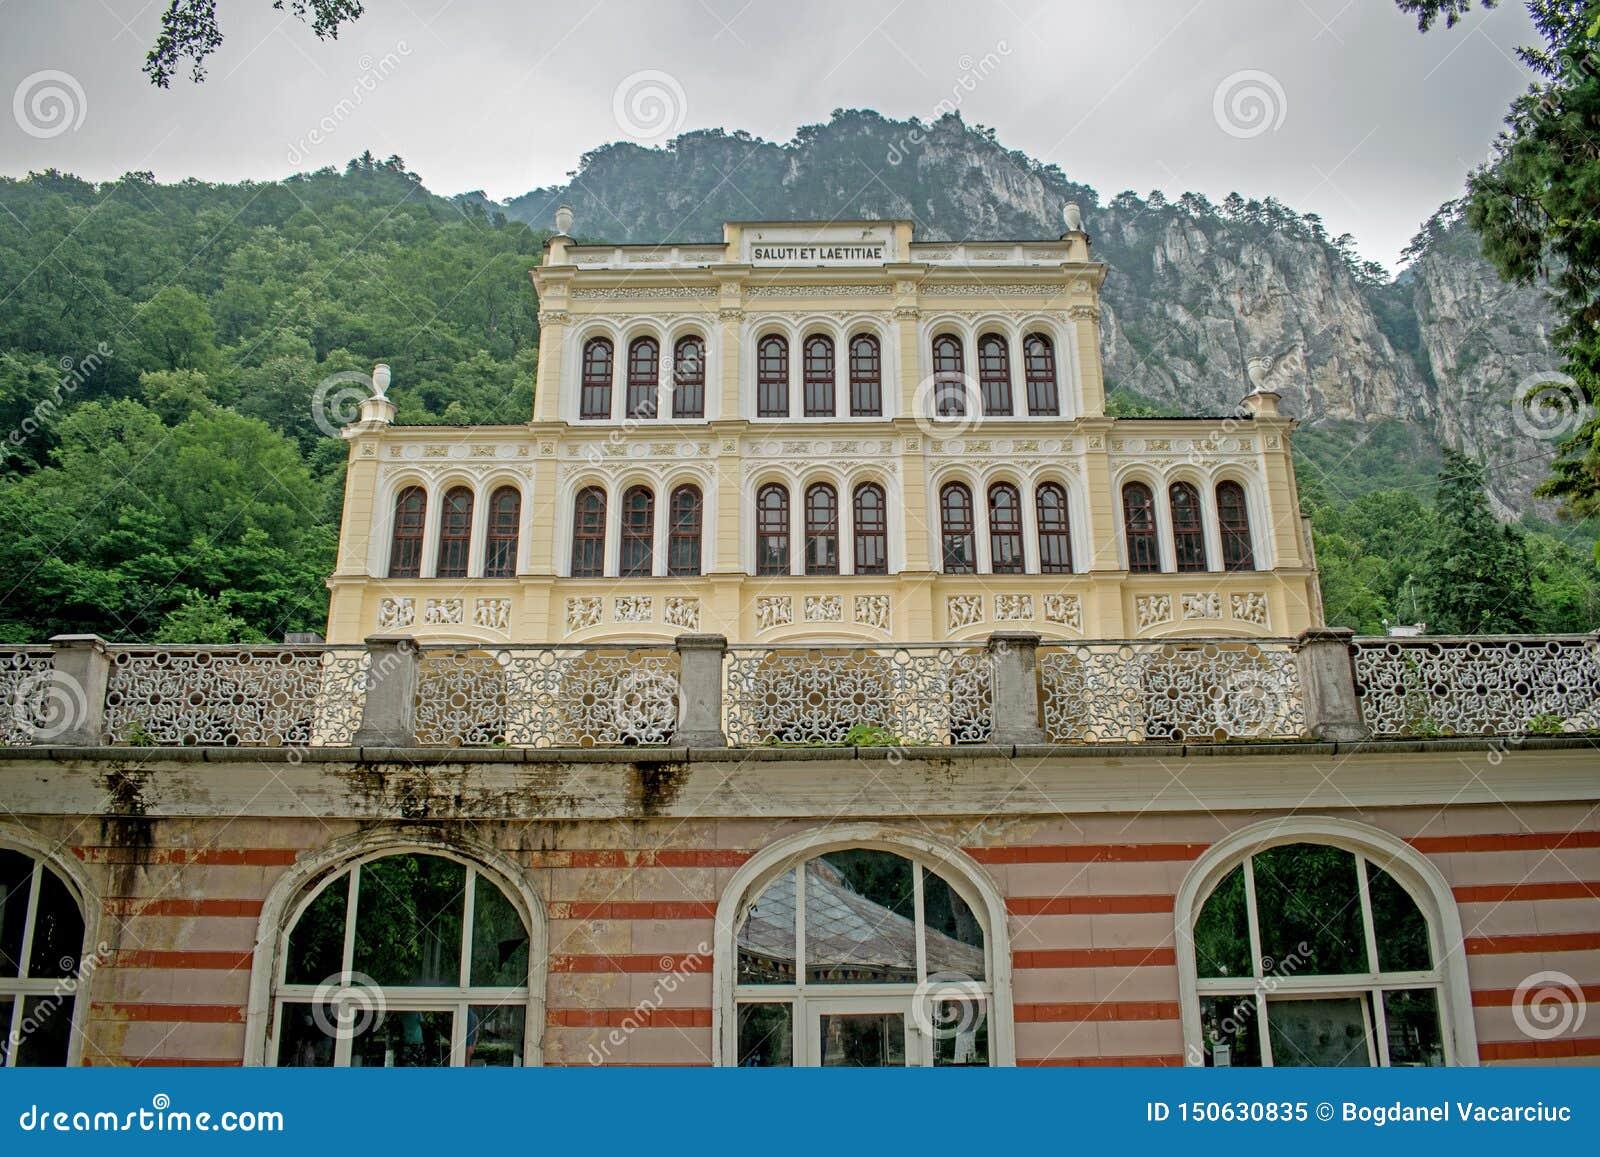 Старое казино теперь из пользы датирующ назад до 1850, размещенный в красивой горной области в Европе, Румыния